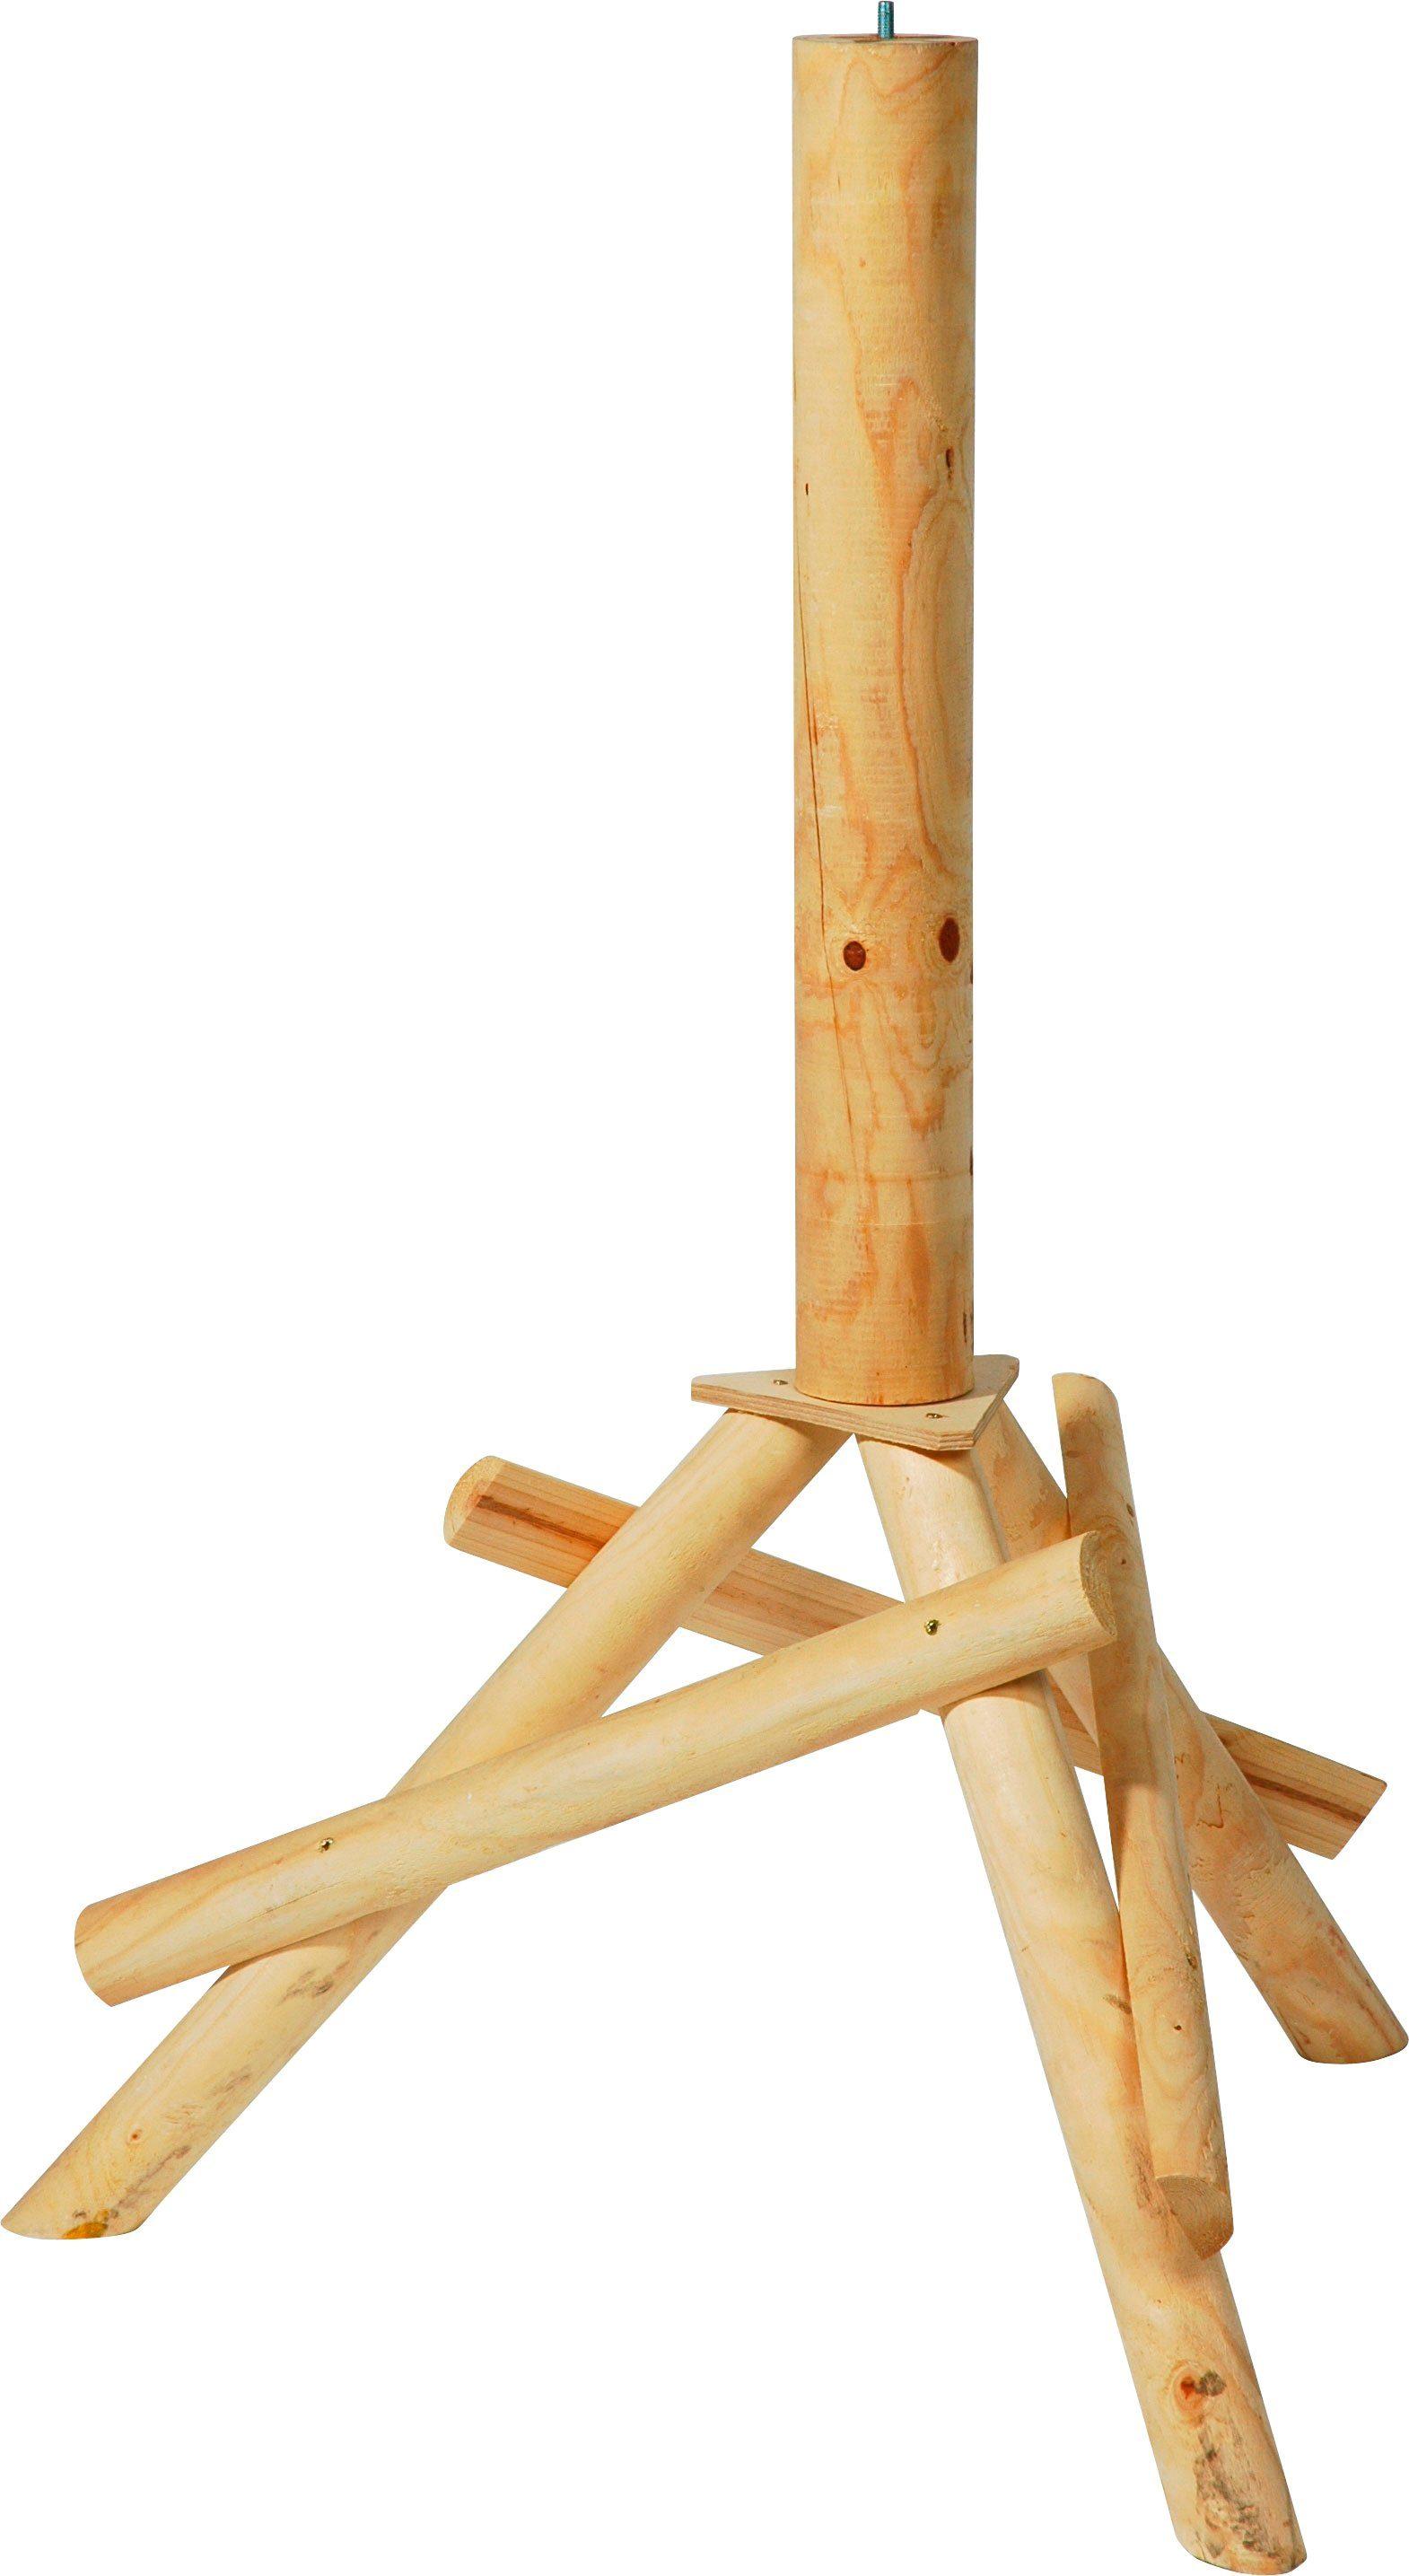 DOBAR Vogelhaus-Ständer , BxTxH: 65x60x100 cm, braun